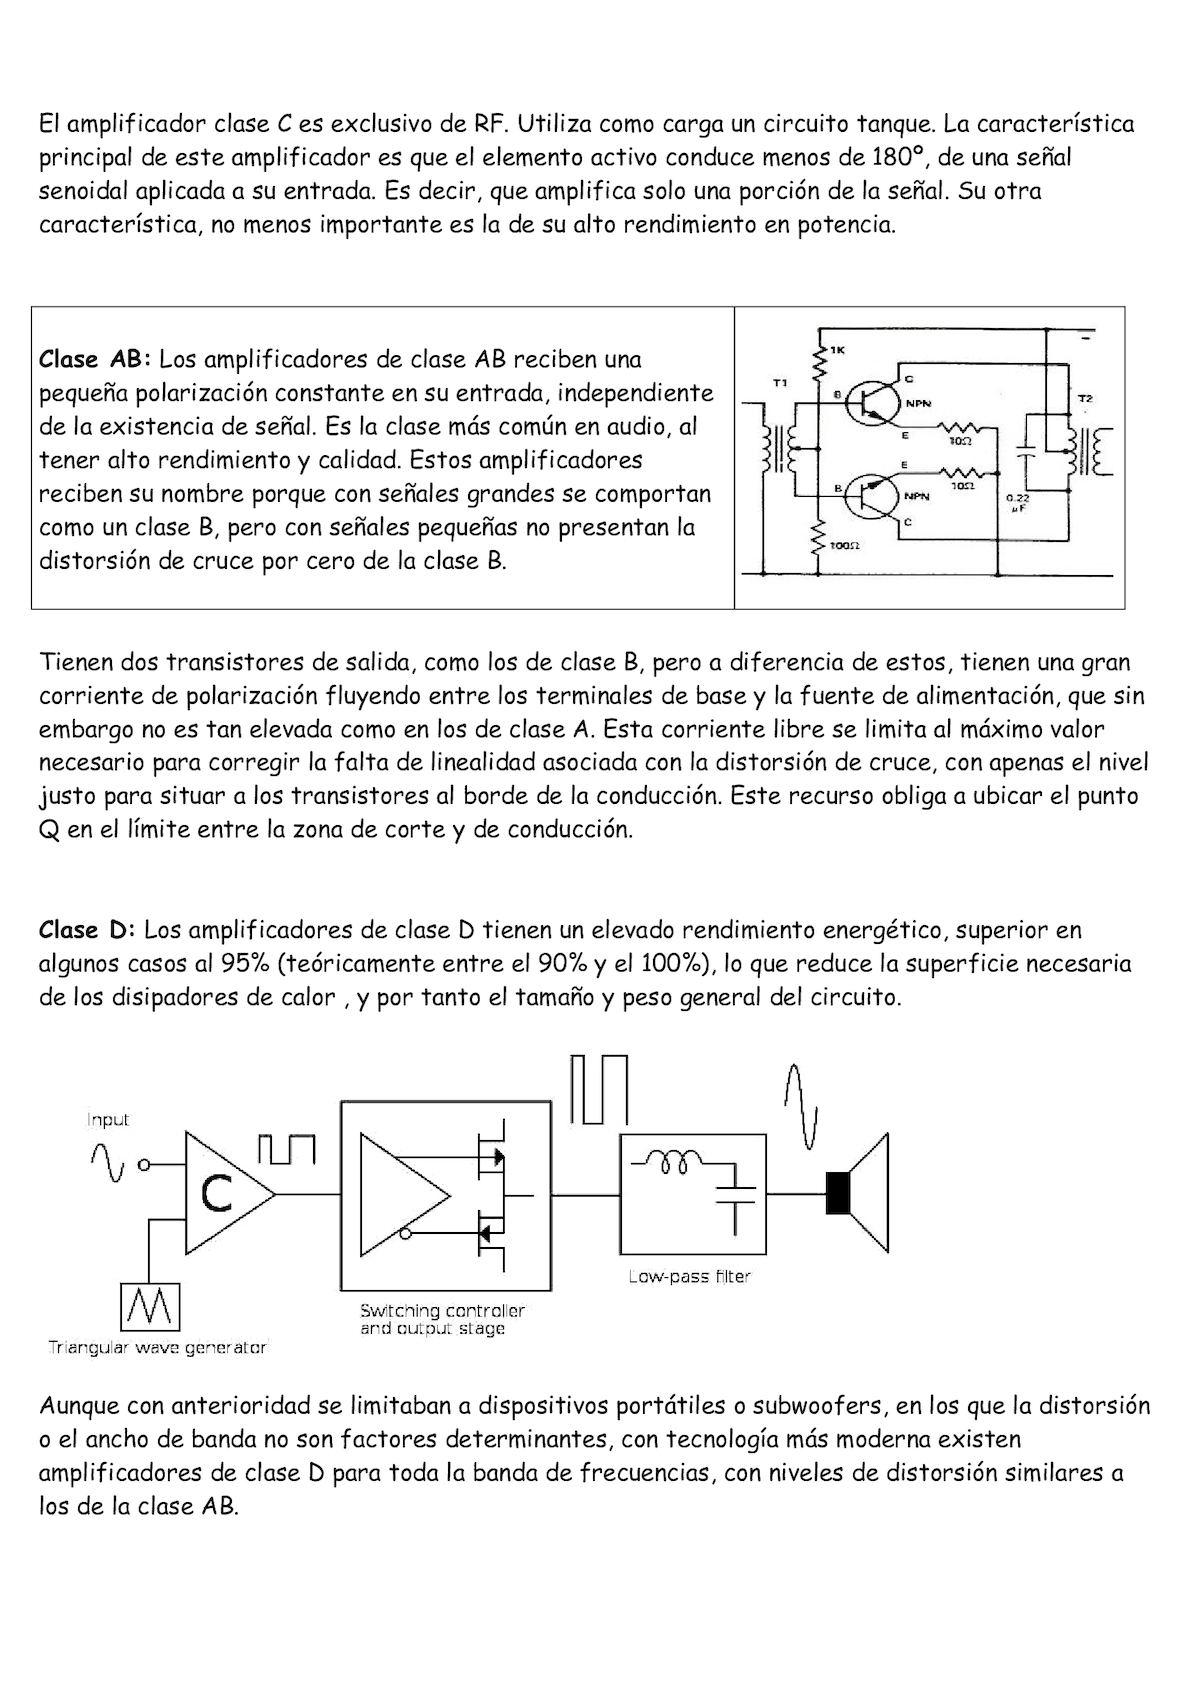 Circuito Tanque : Solucionado duda sobre flotadores eléctricos para tanques de agua